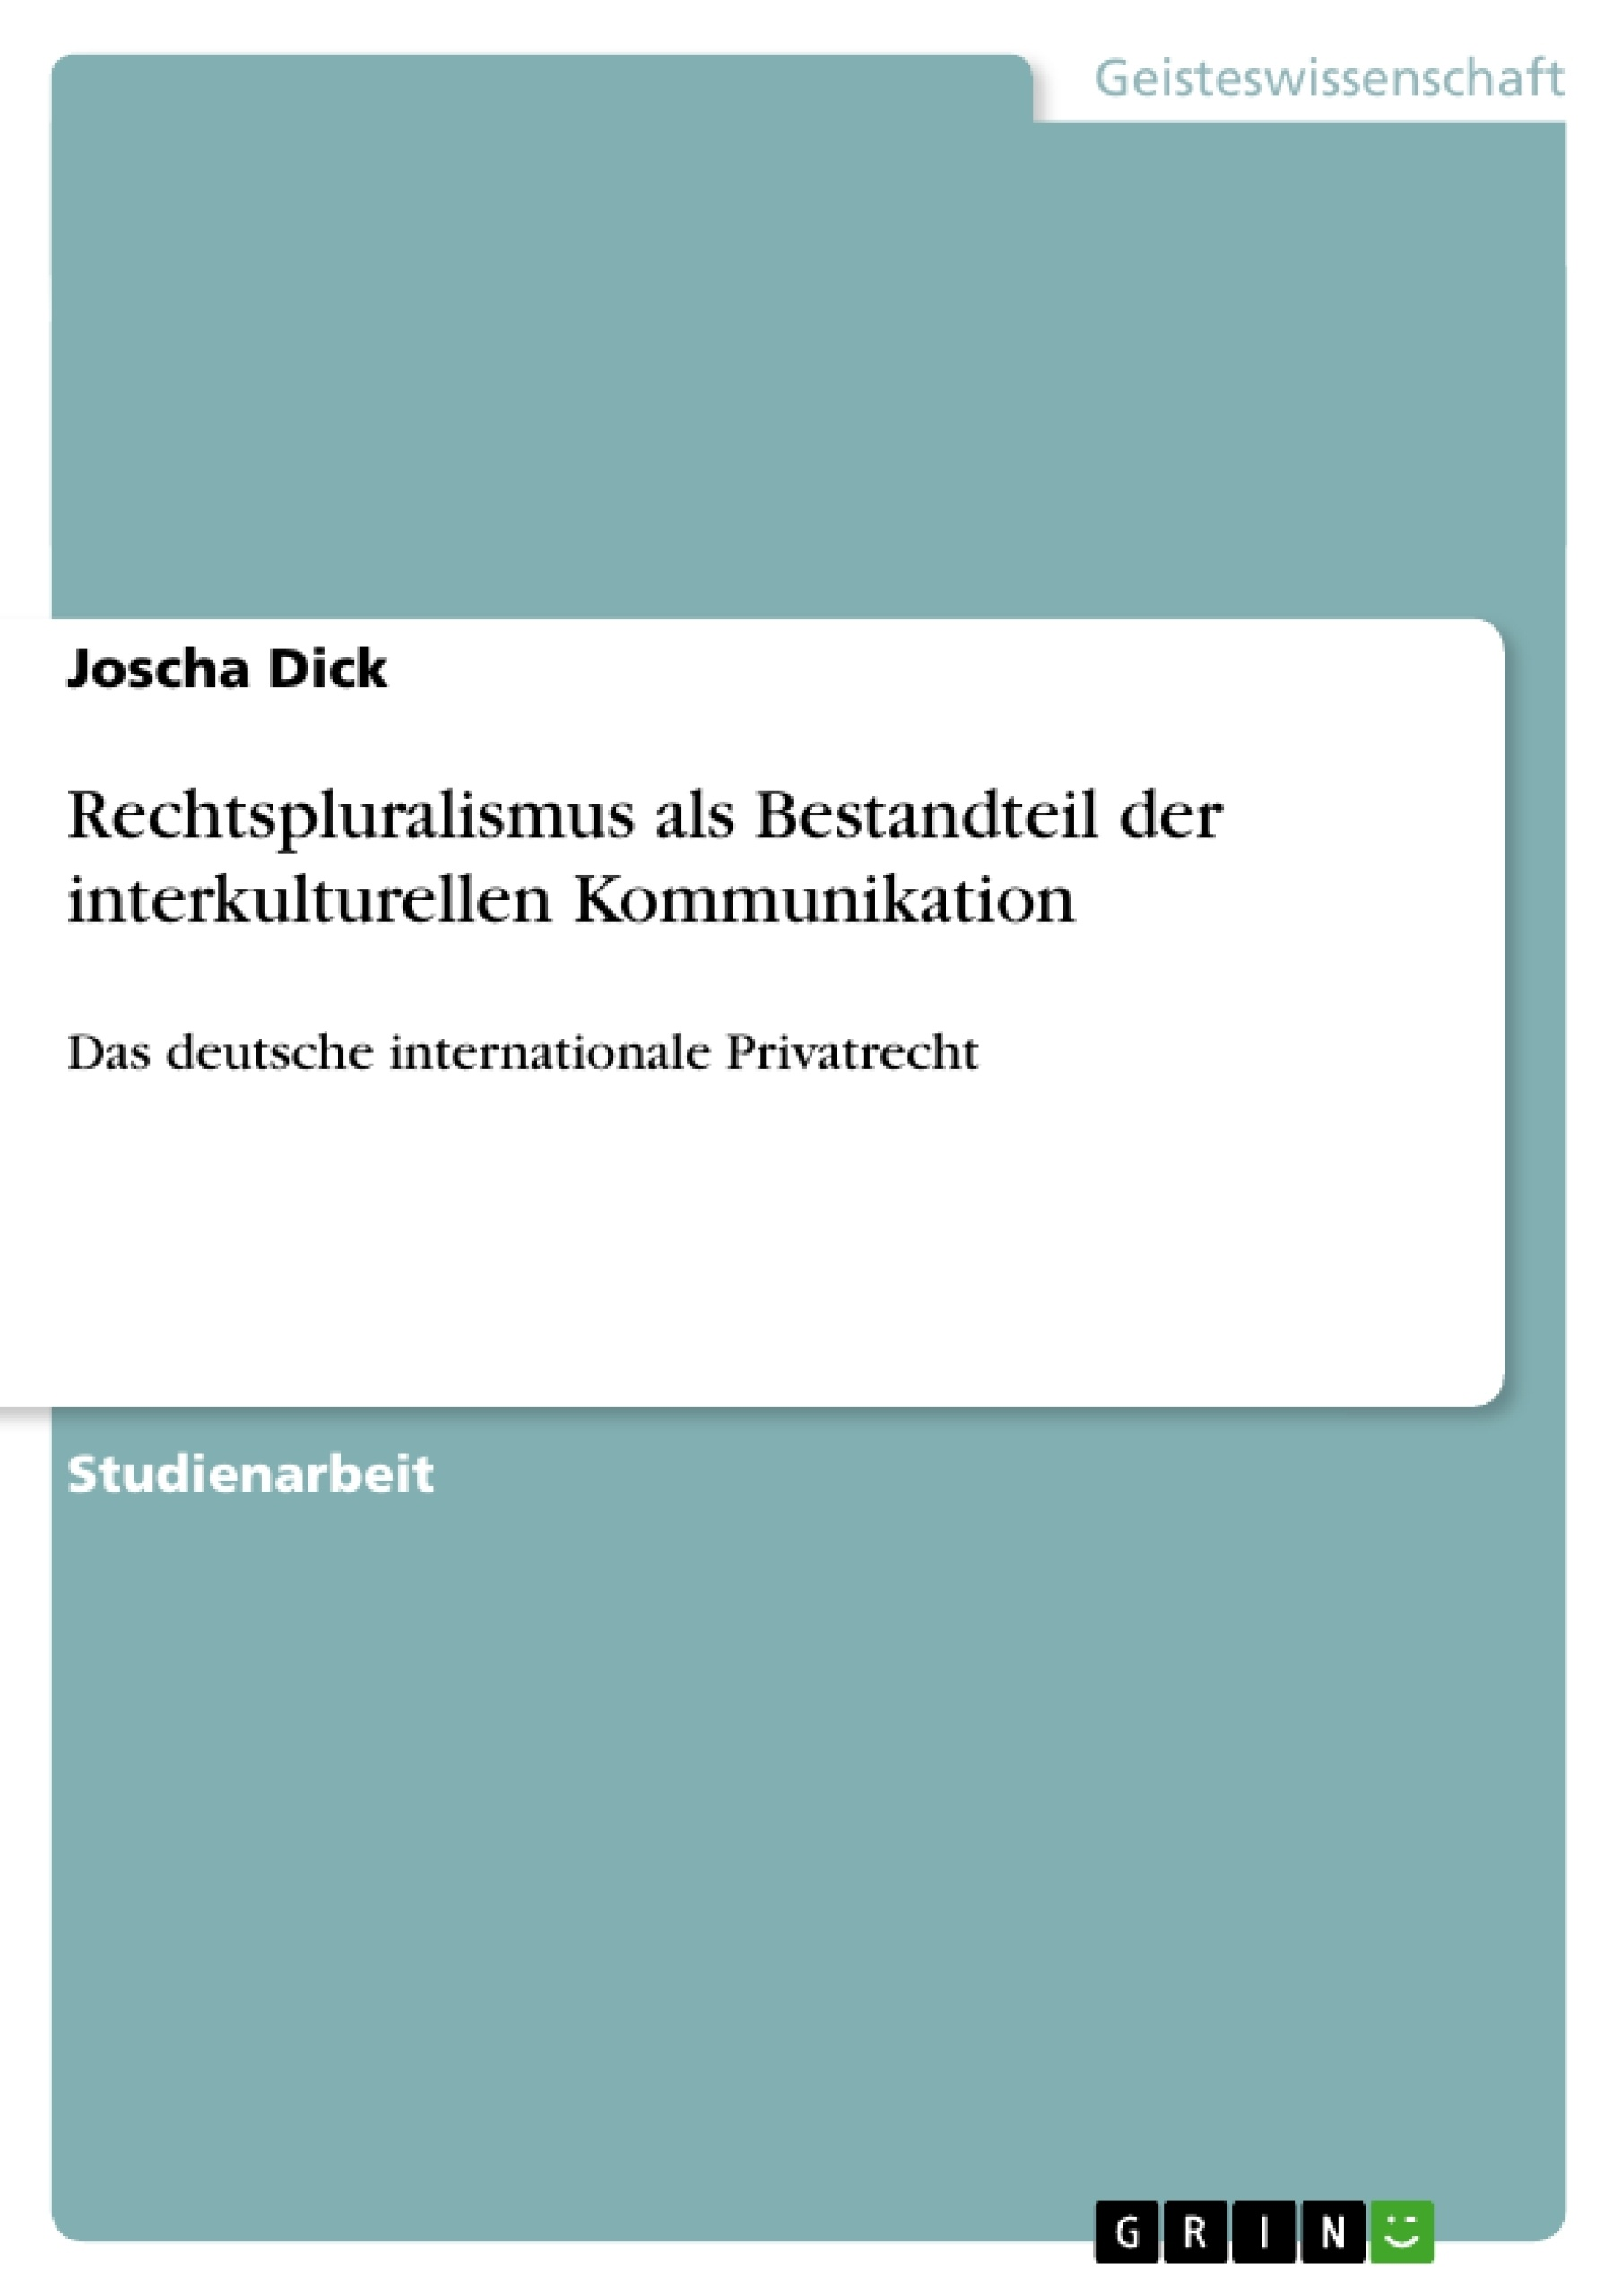 Titel: Rechtspluralismus als Bestandteil der interkulturellen Kommunikation